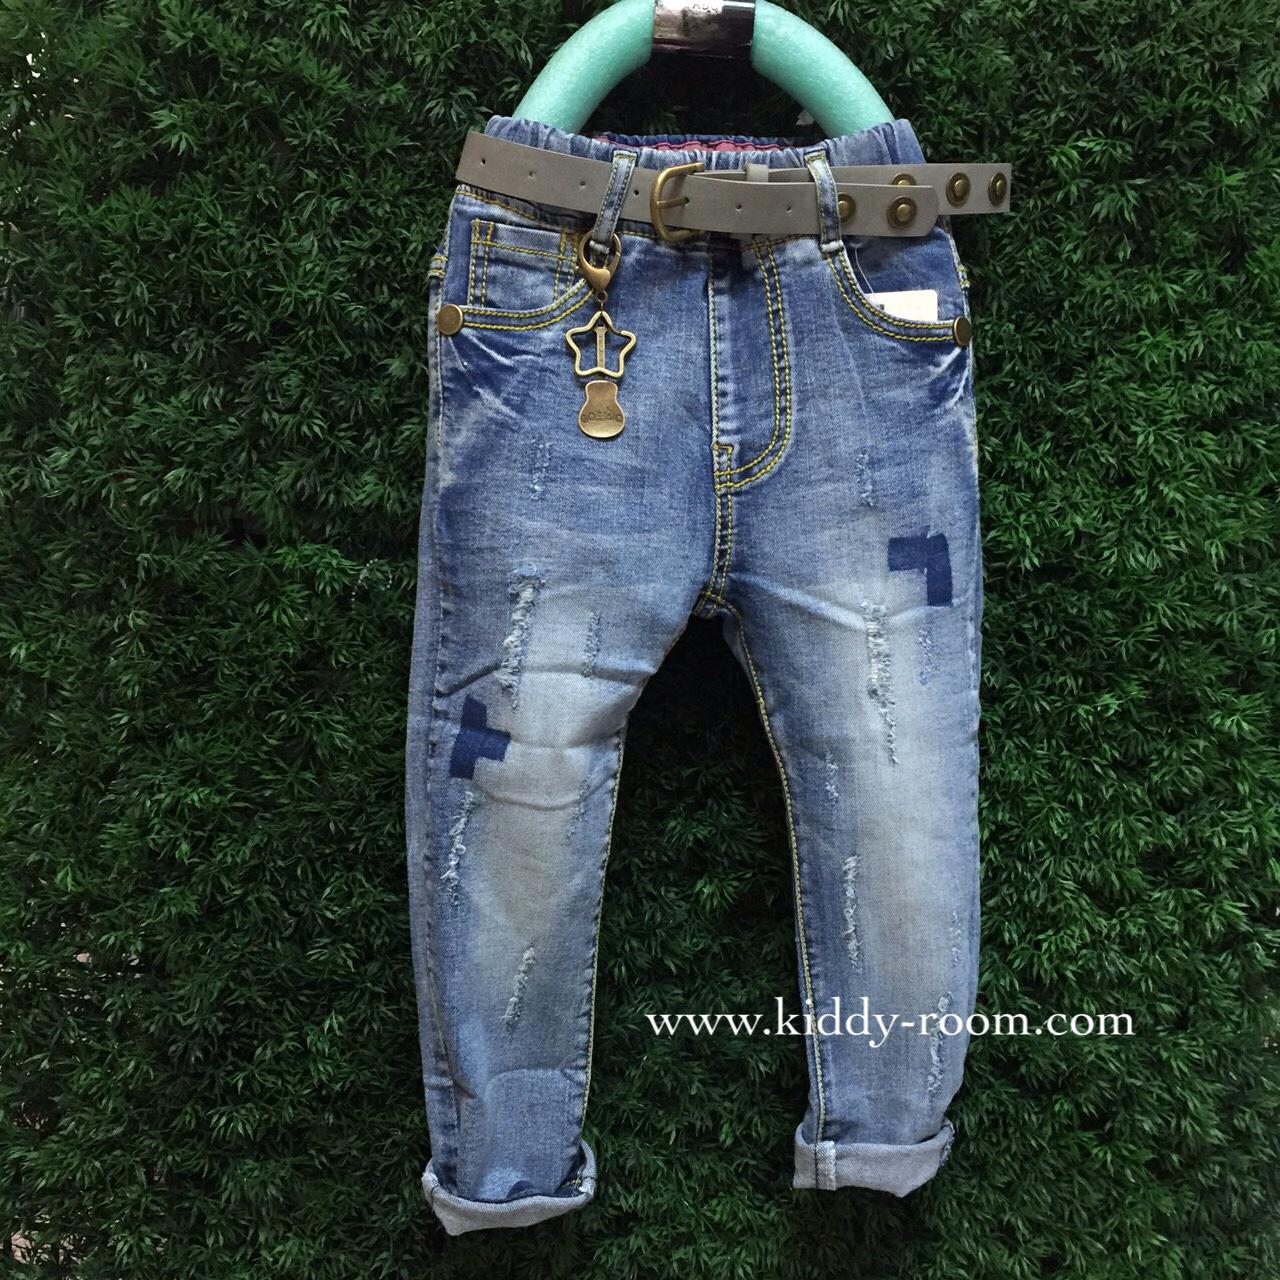 (เล็ก-โต) กางเกงยีนส์ฟอก ผ้าเกาหลี เนื้อนิ่ม ผ้าดีม๊ากขอบอก ทรงสวย แต่งแบบปะๆ ขาดๆ มาพร้อมเข็มขัดเท่ๆ ใส่ได้ทั้งหญิงและชายค่ะ